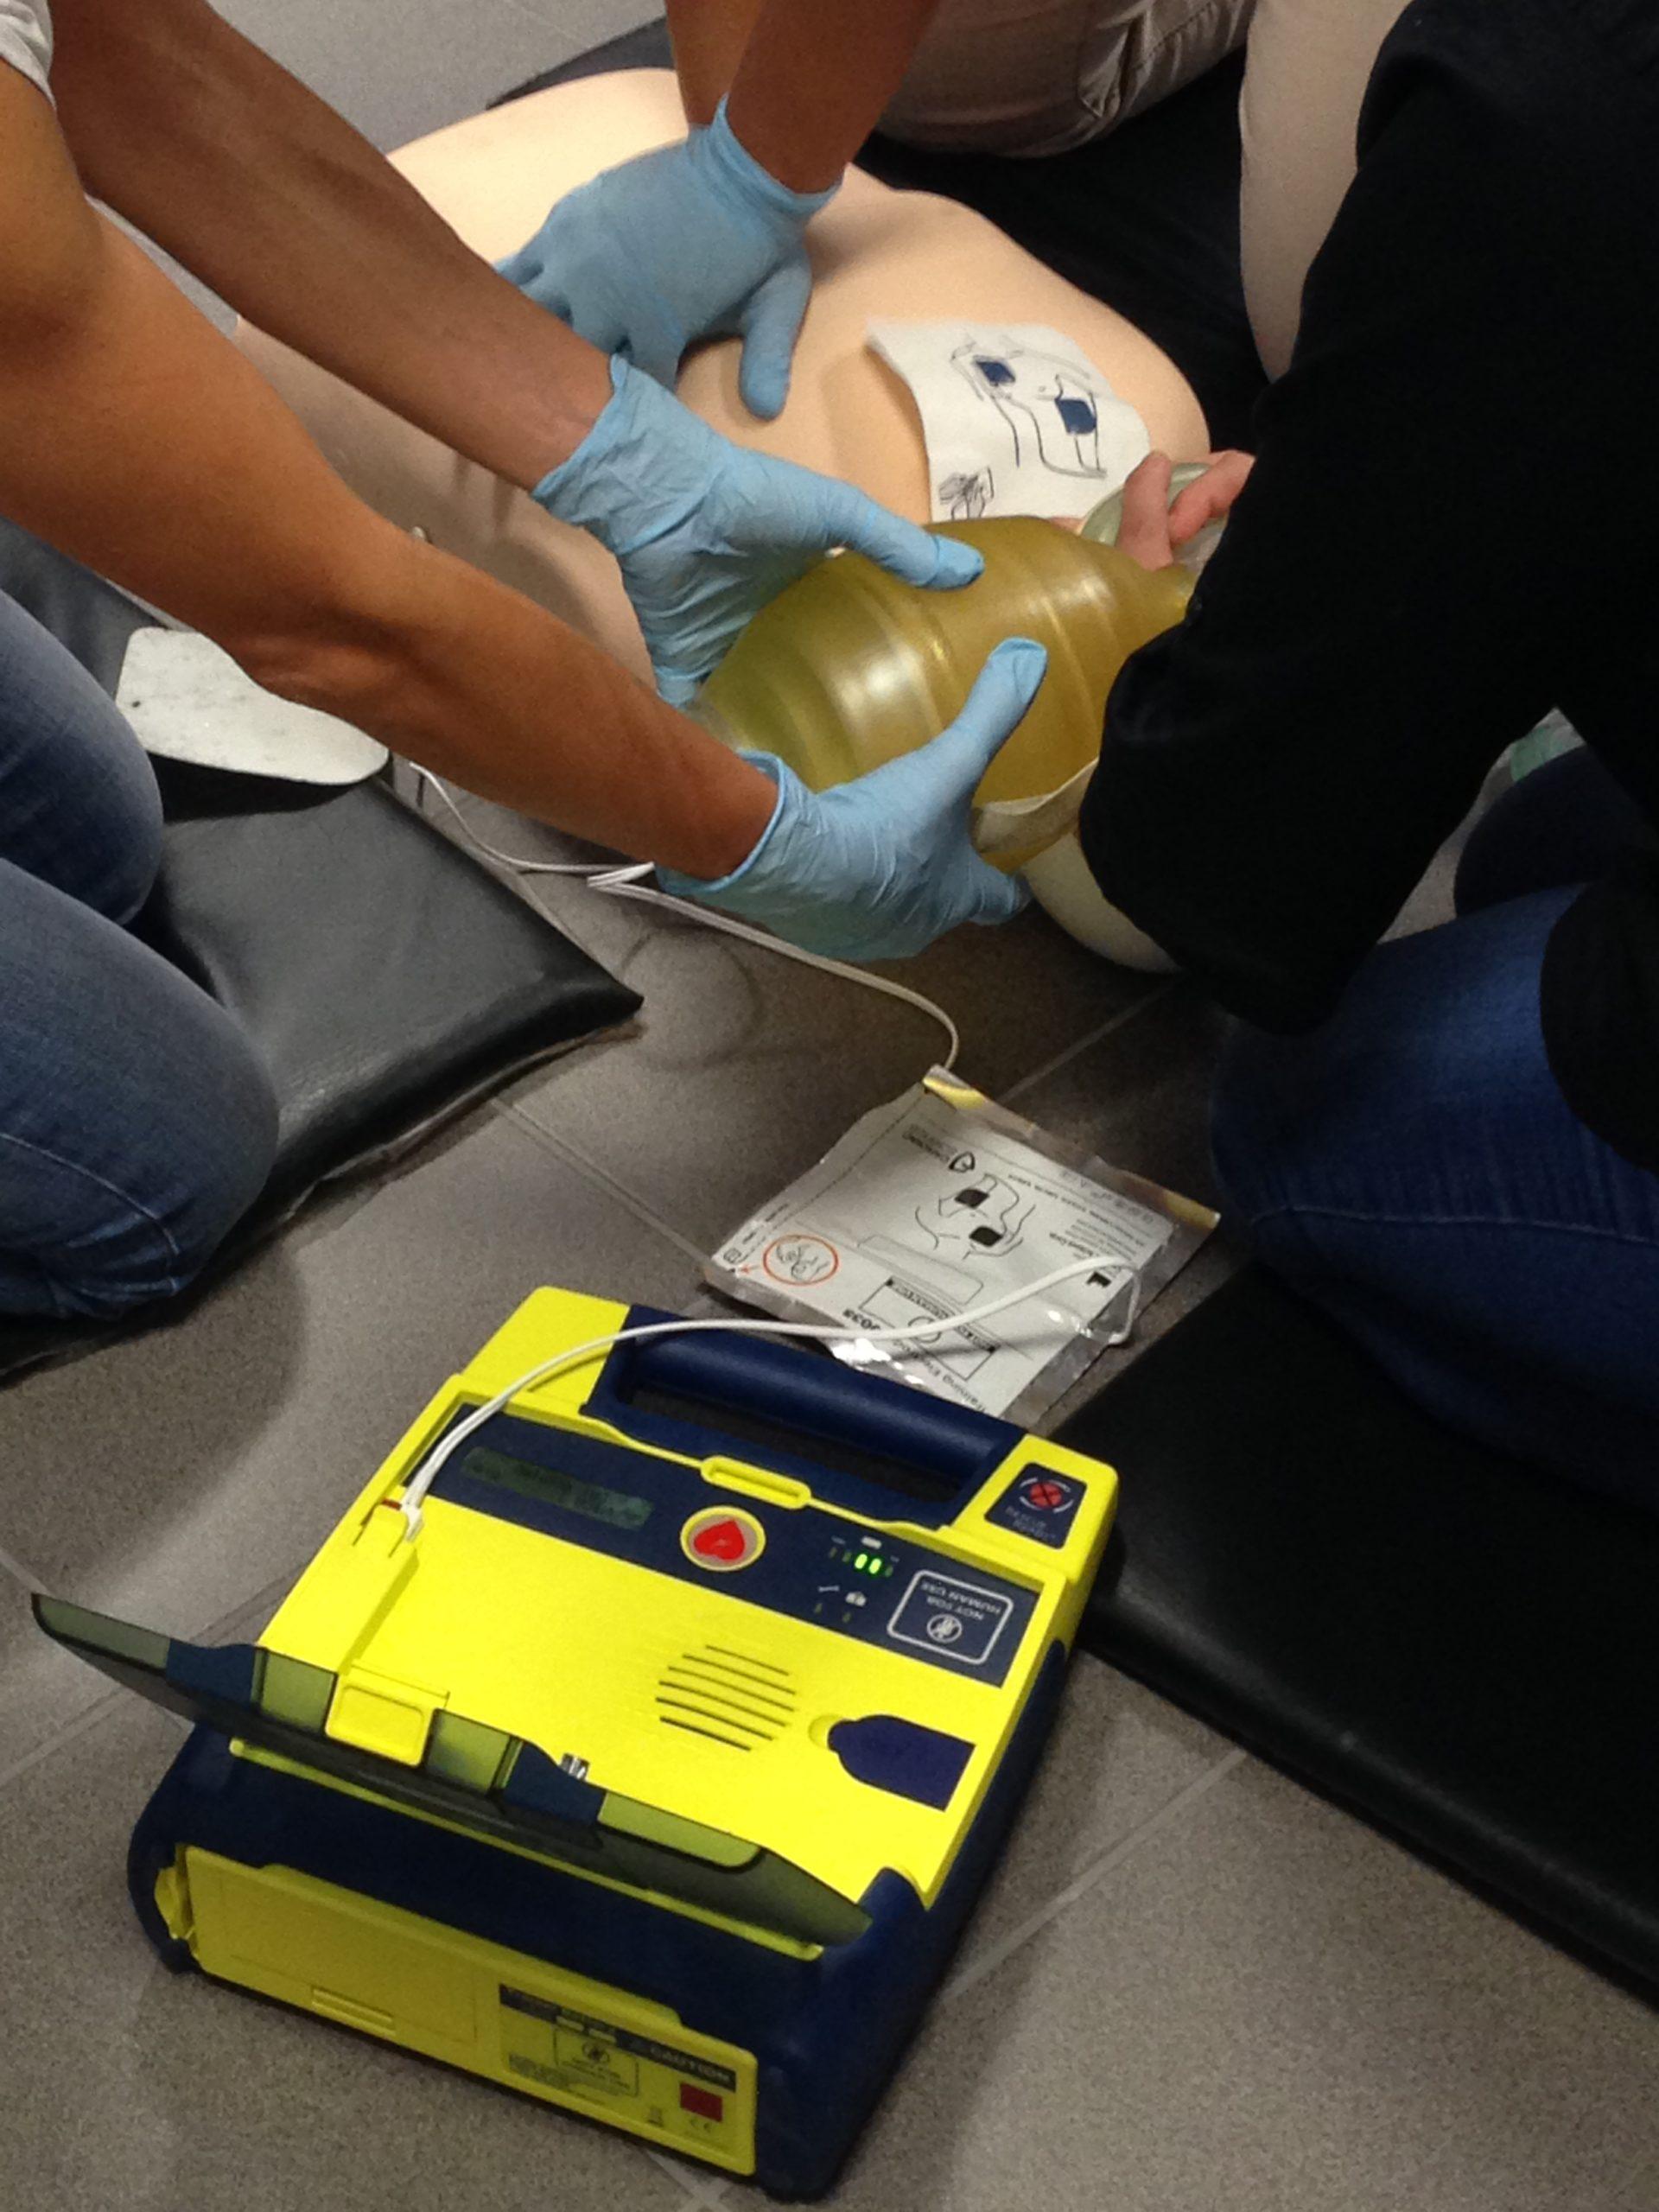 Emergenza Medica Respiratore Formazione Apt Group